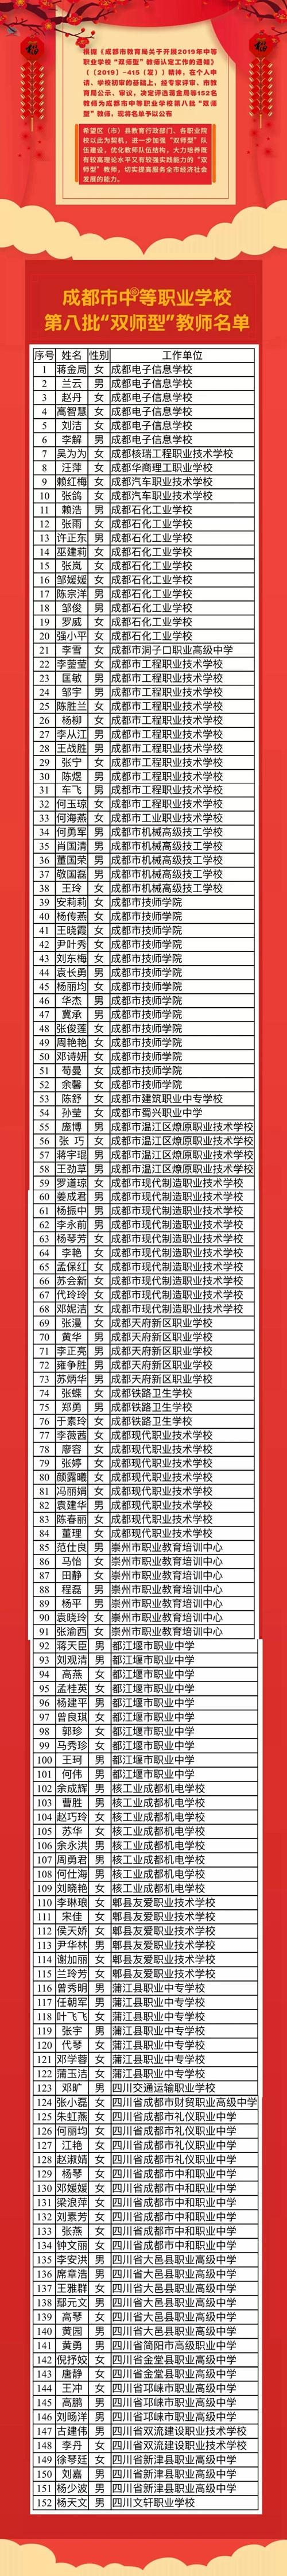 """成都市中职学校第八批""""双师型""""教师名单"""